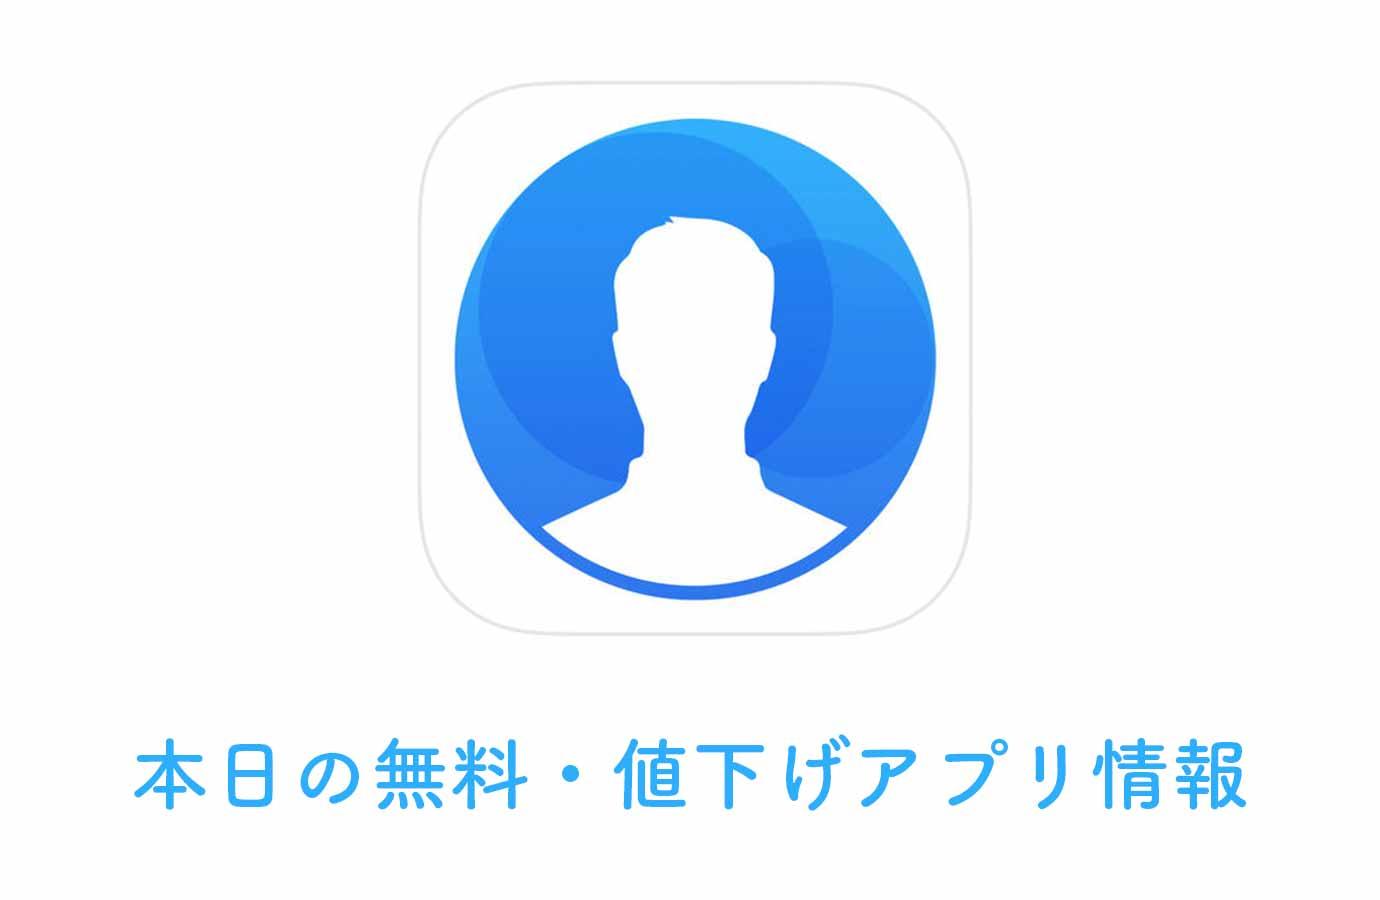 500円→無料、重複した連絡先を統合したりバックアップできる「Simpler Pro」など【4/19】本日の無料・値下げアプリ情報